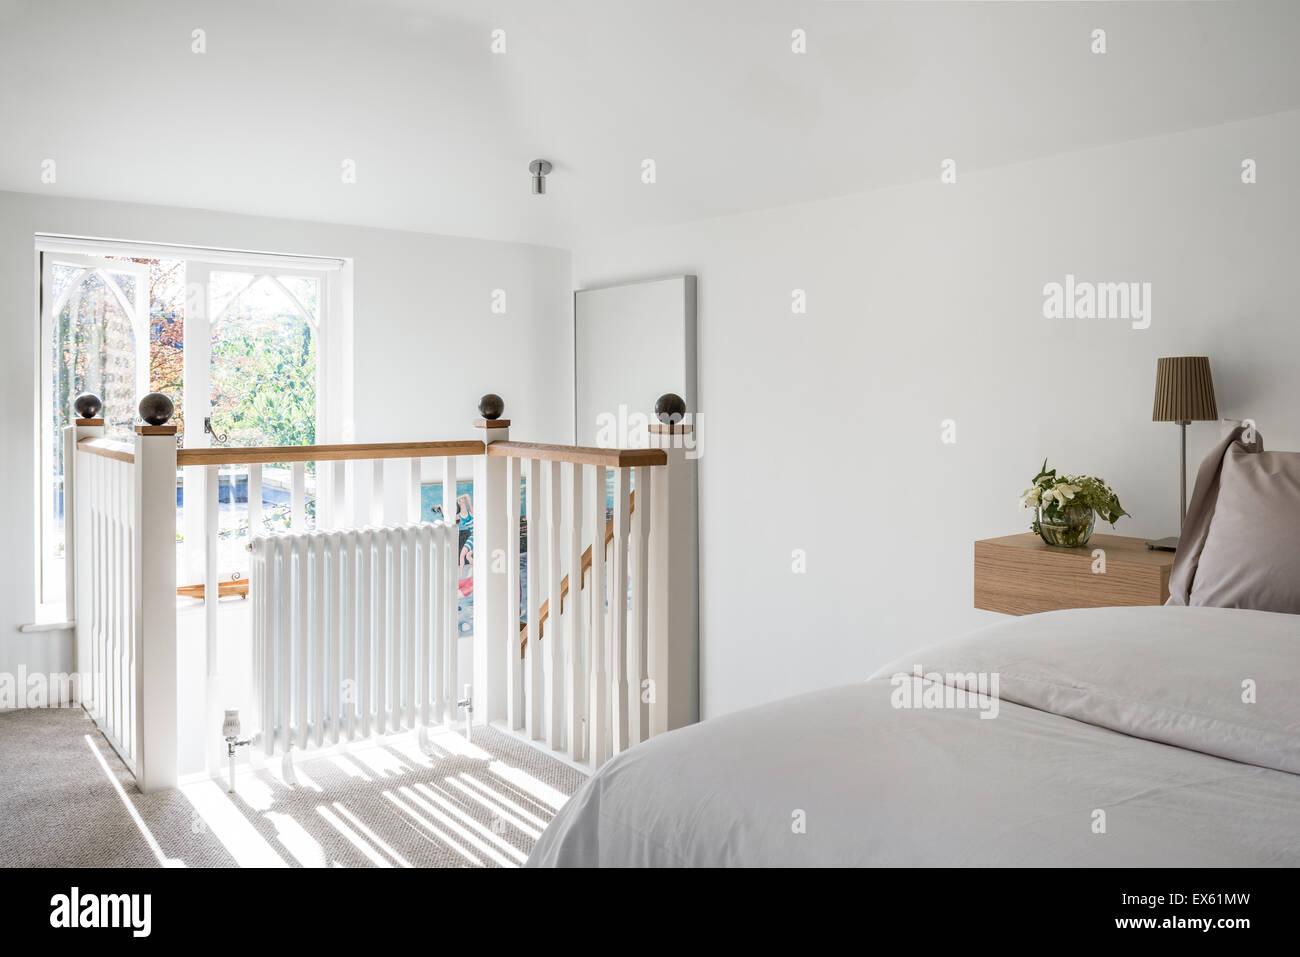 Loft-Stil weiße Schlafzimmer mit einfachen Lampen von Ikea Stockfoto ...